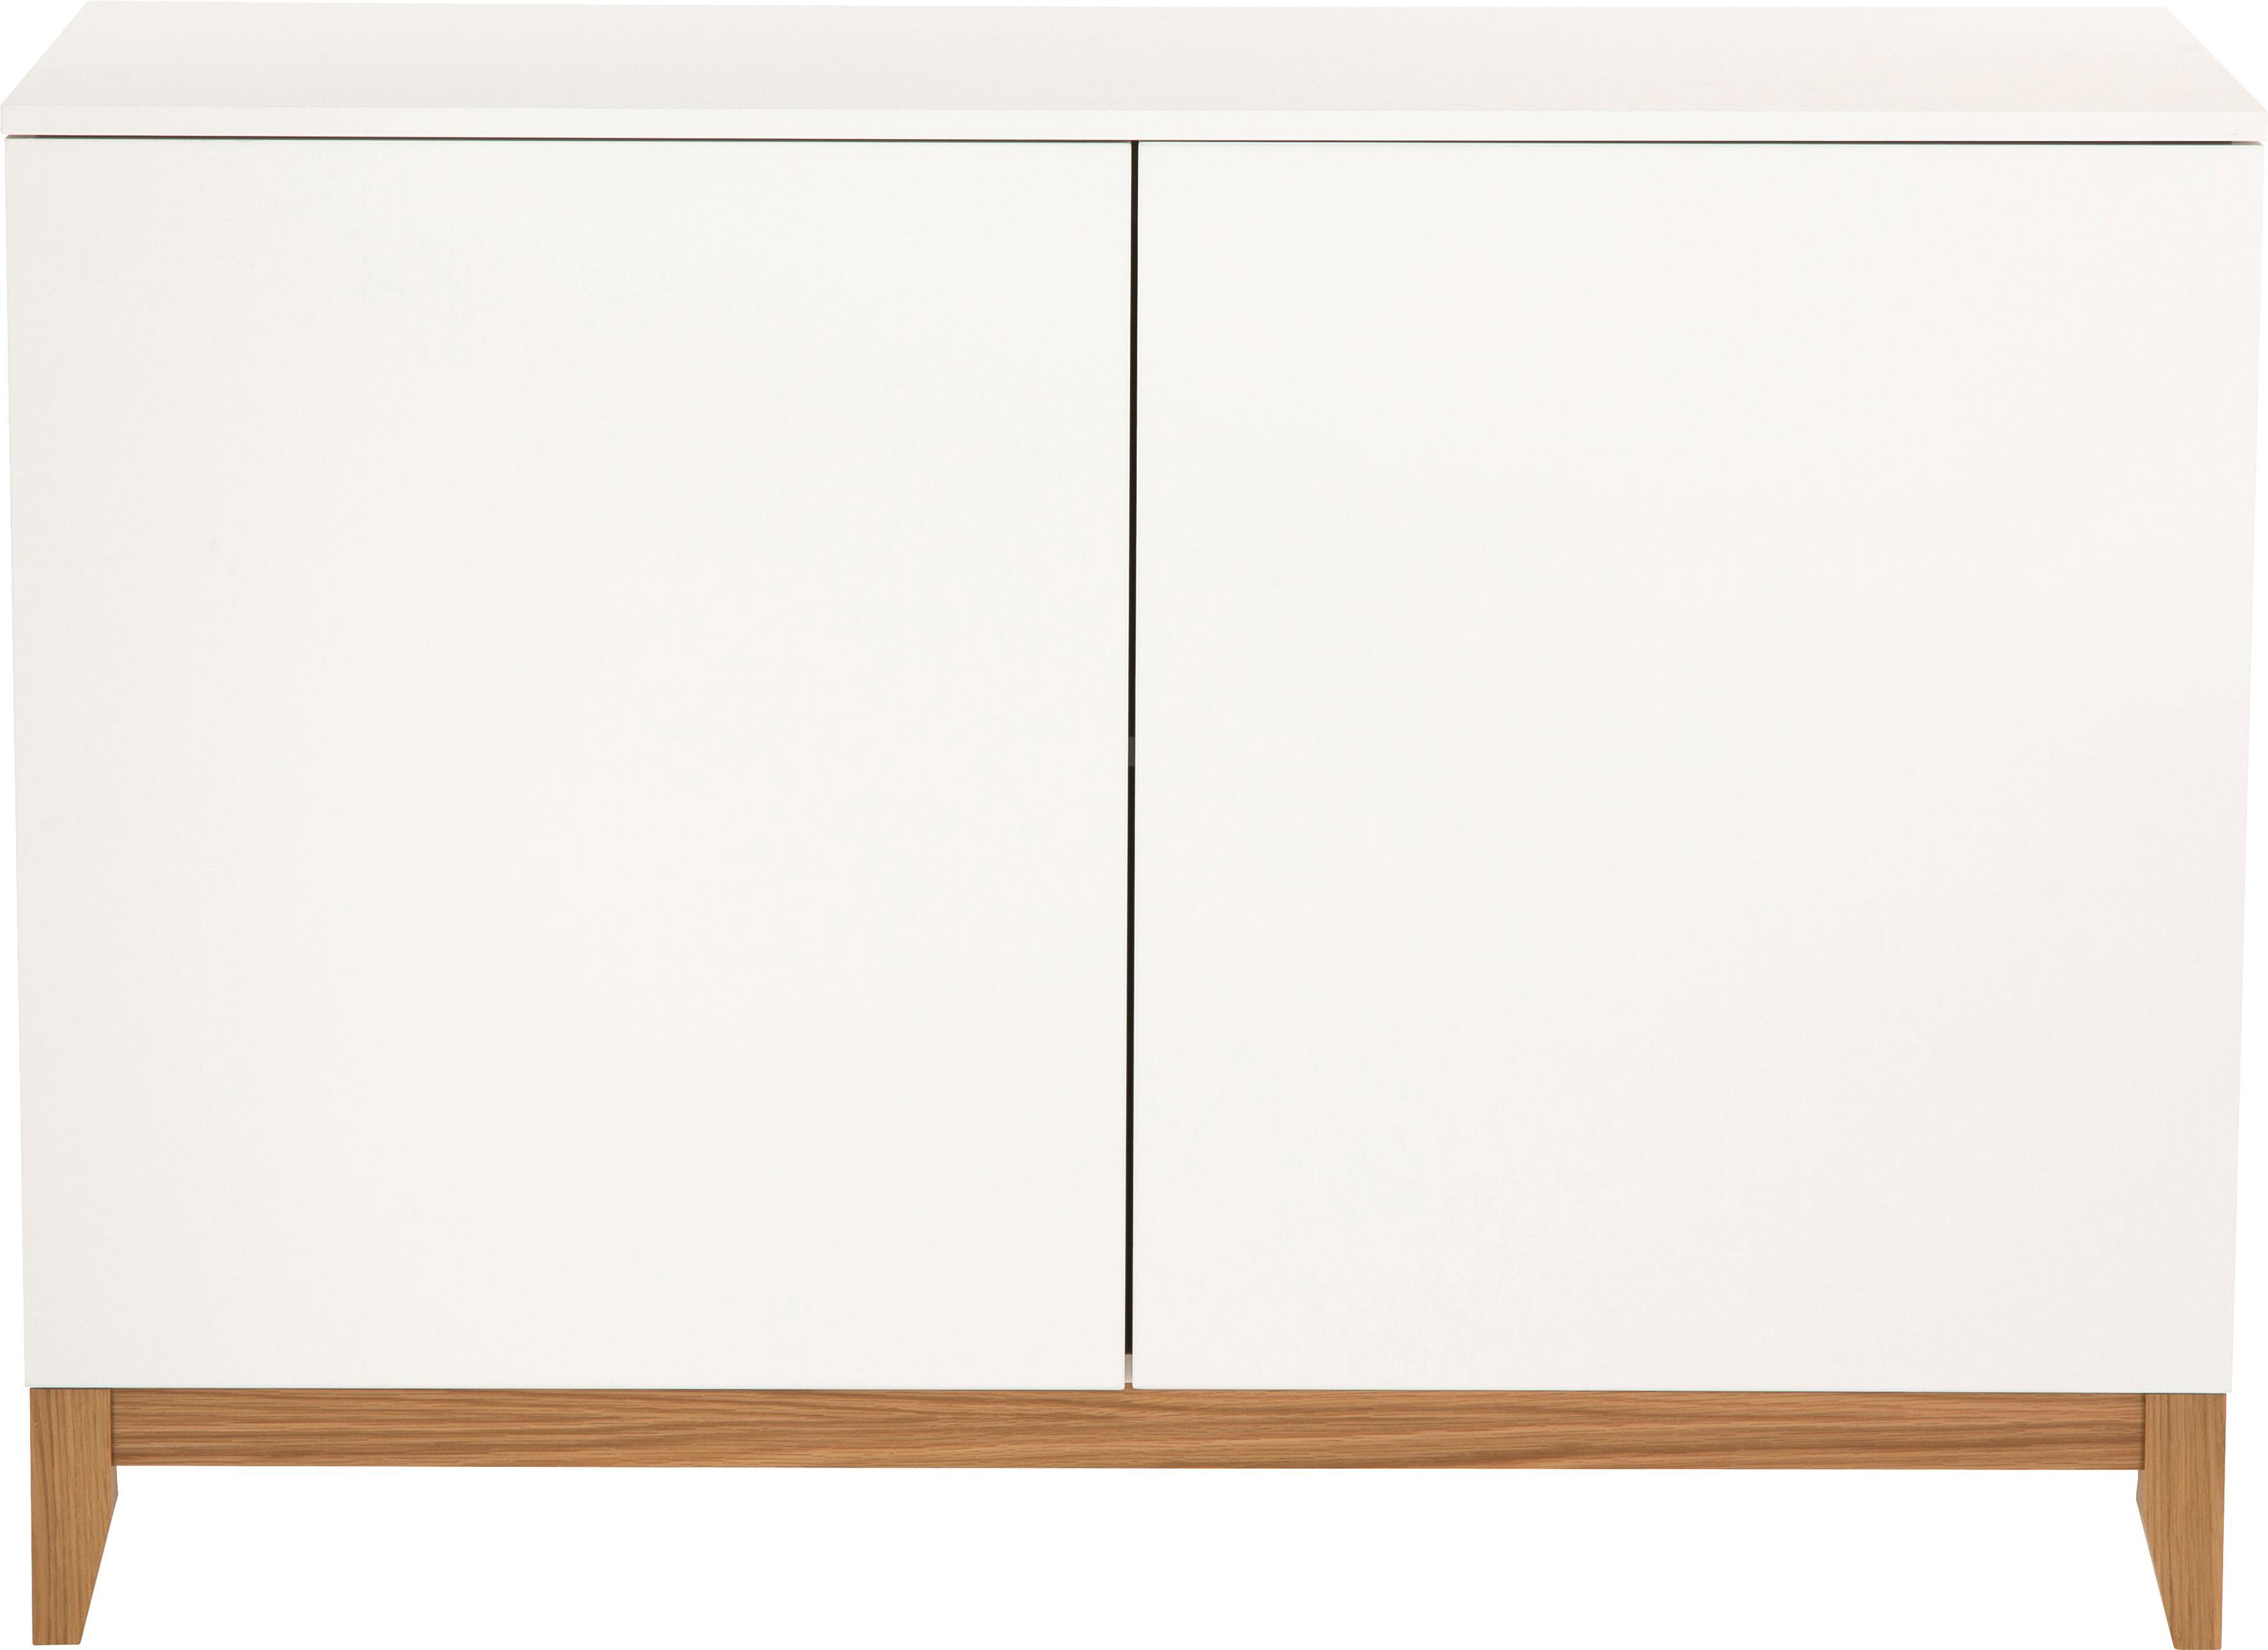 Woodman Sideboard Elinee im angesagten skandinavischen Look Breite 120 cm